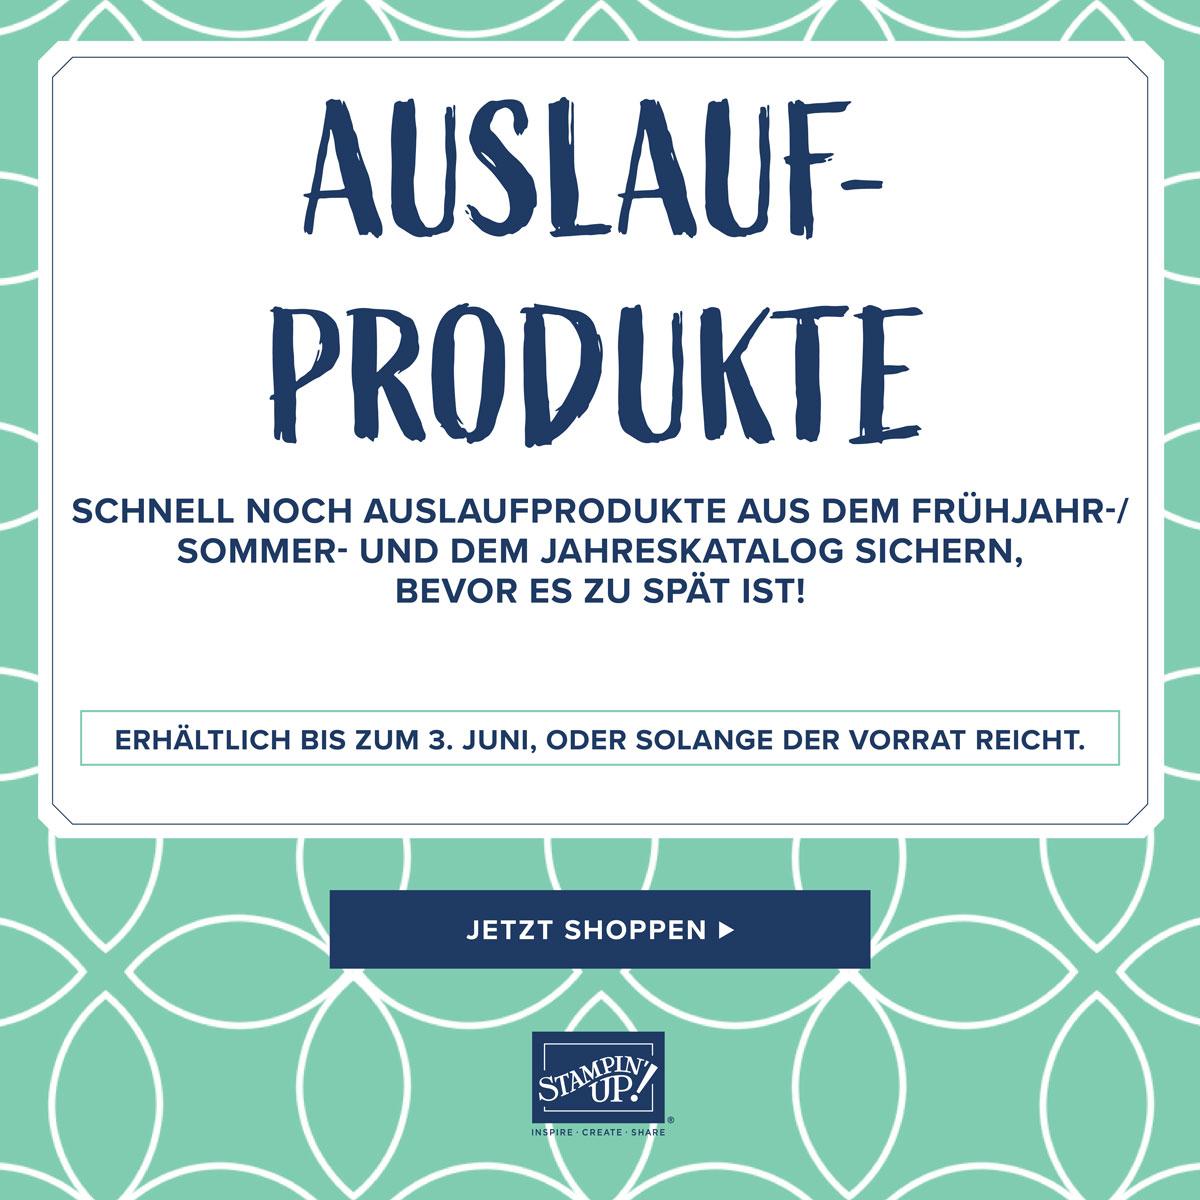 Listen der auslaufenden Produkte